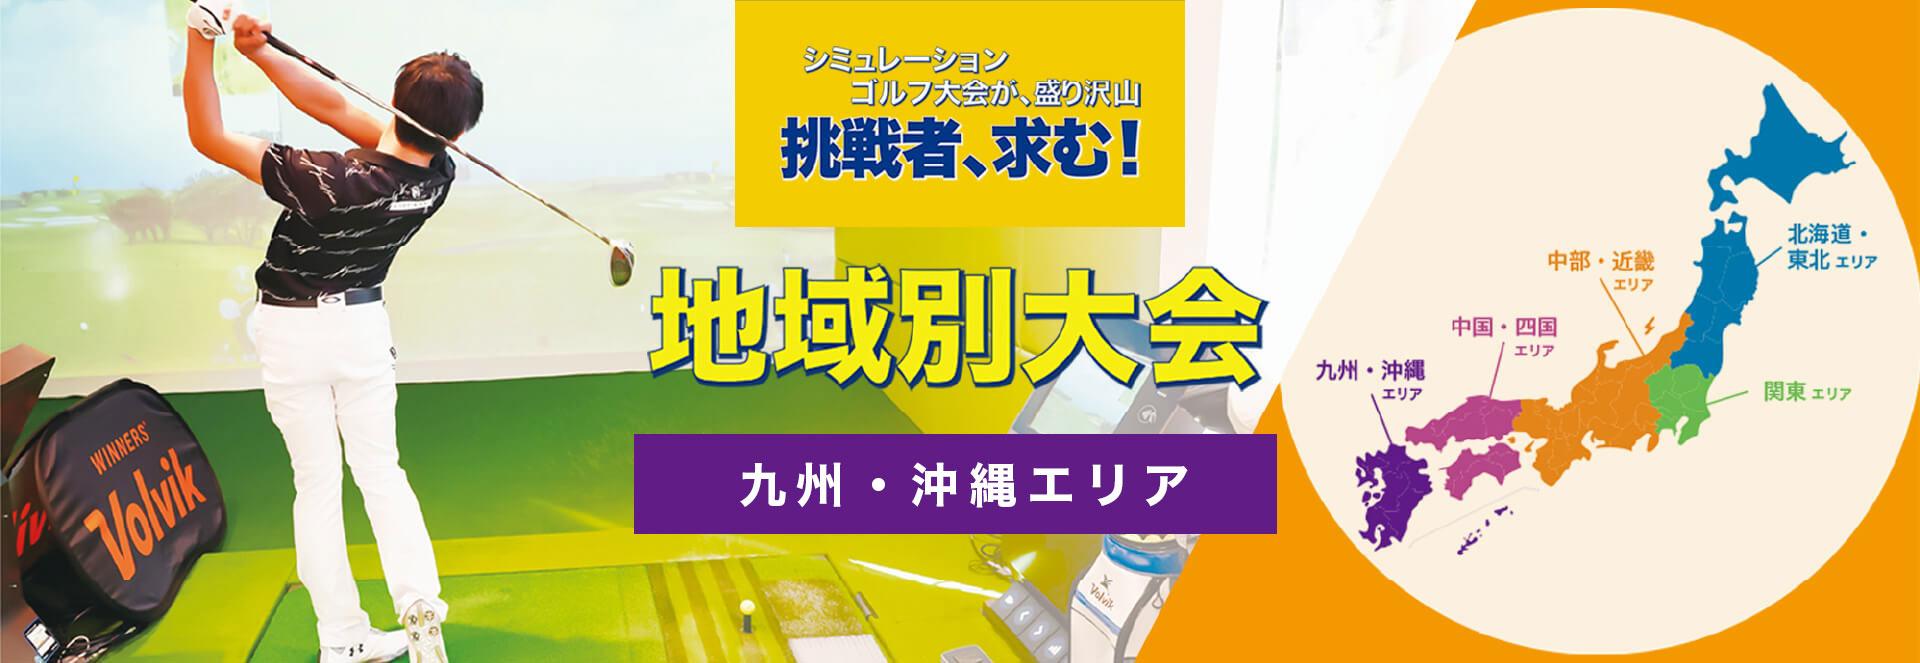 地域別大会/7月/九州・沖縄エリア